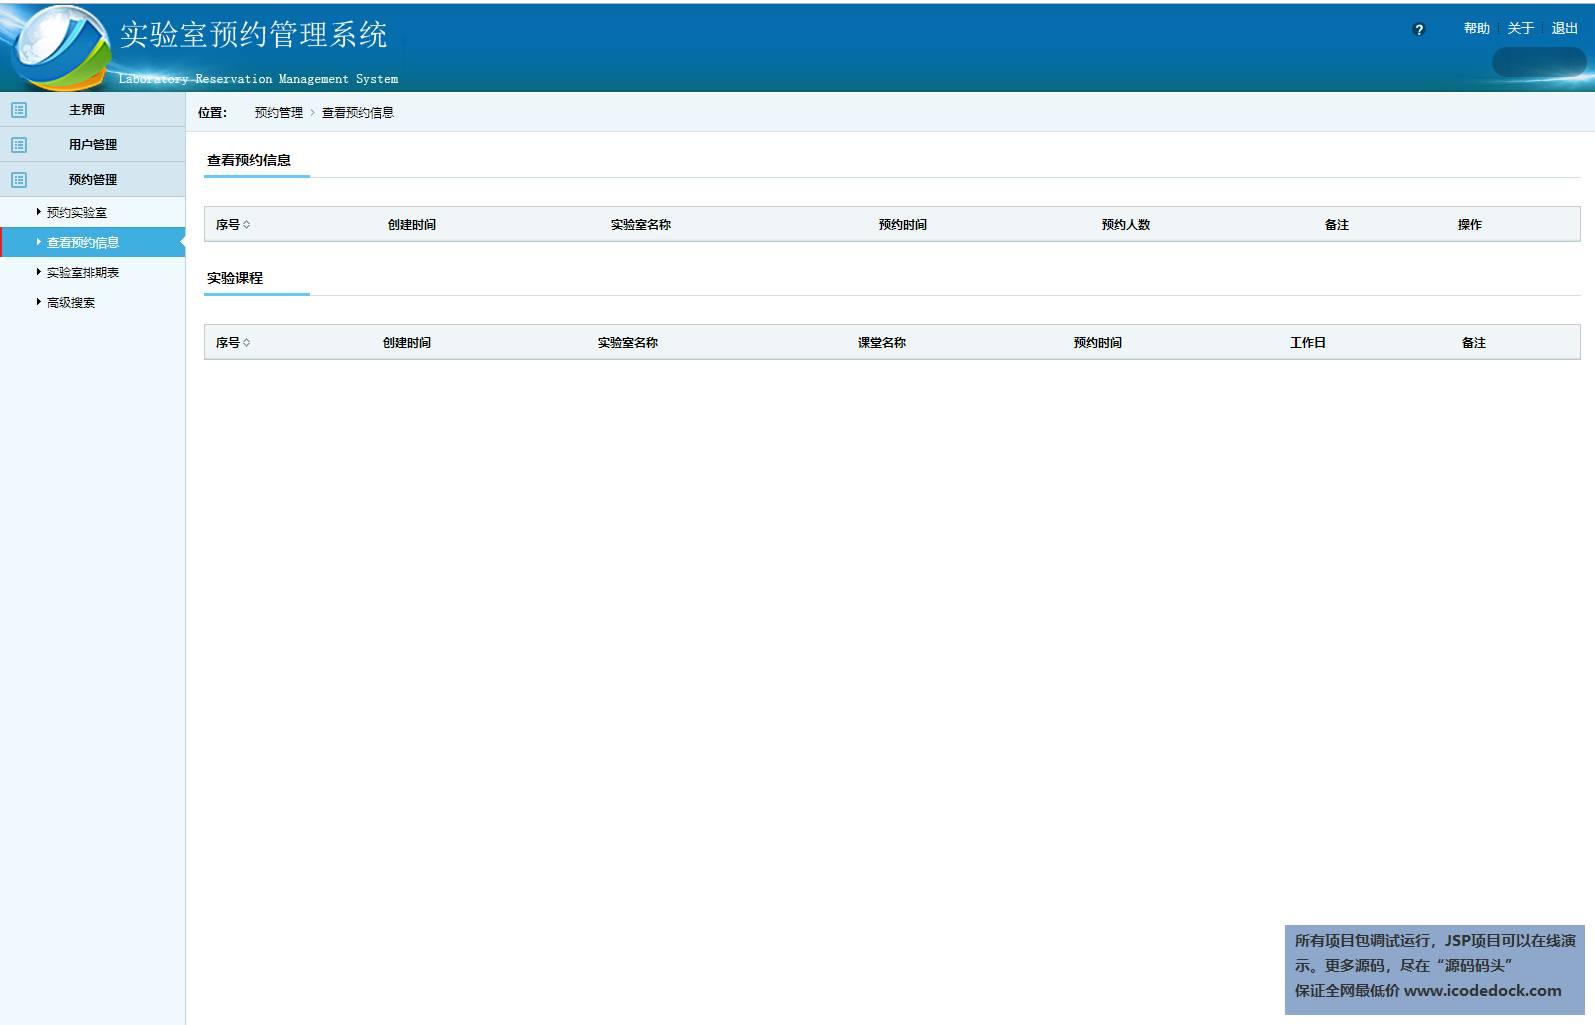 源码码头-SSH实验室预约管理系统-学生角色-查看自己的预约信息